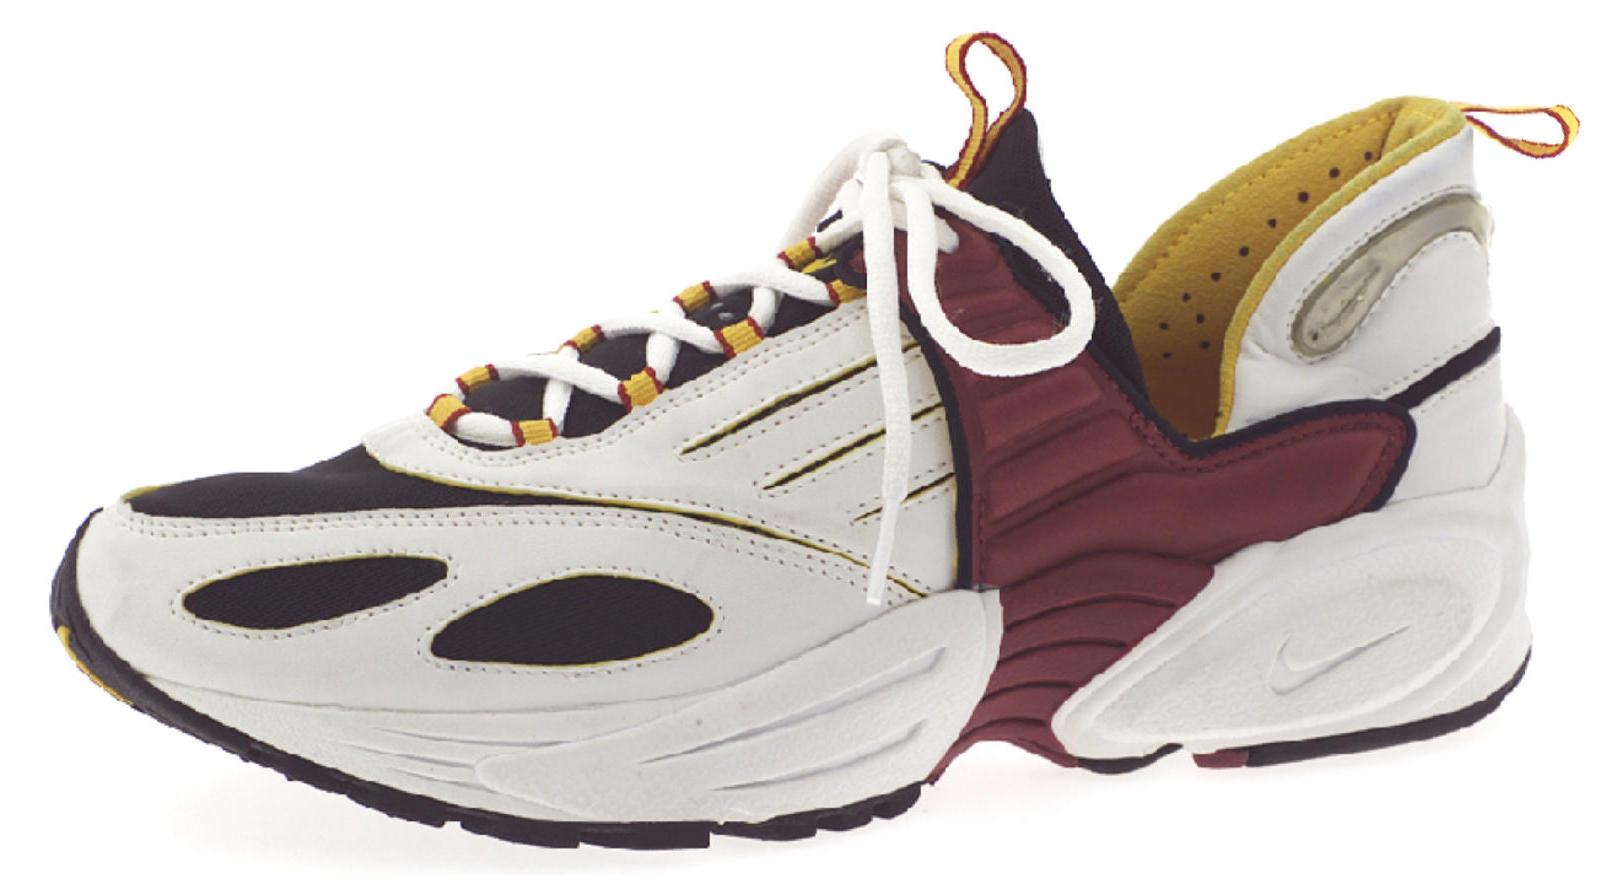 gauntlet_native_1600. The running shoe ...